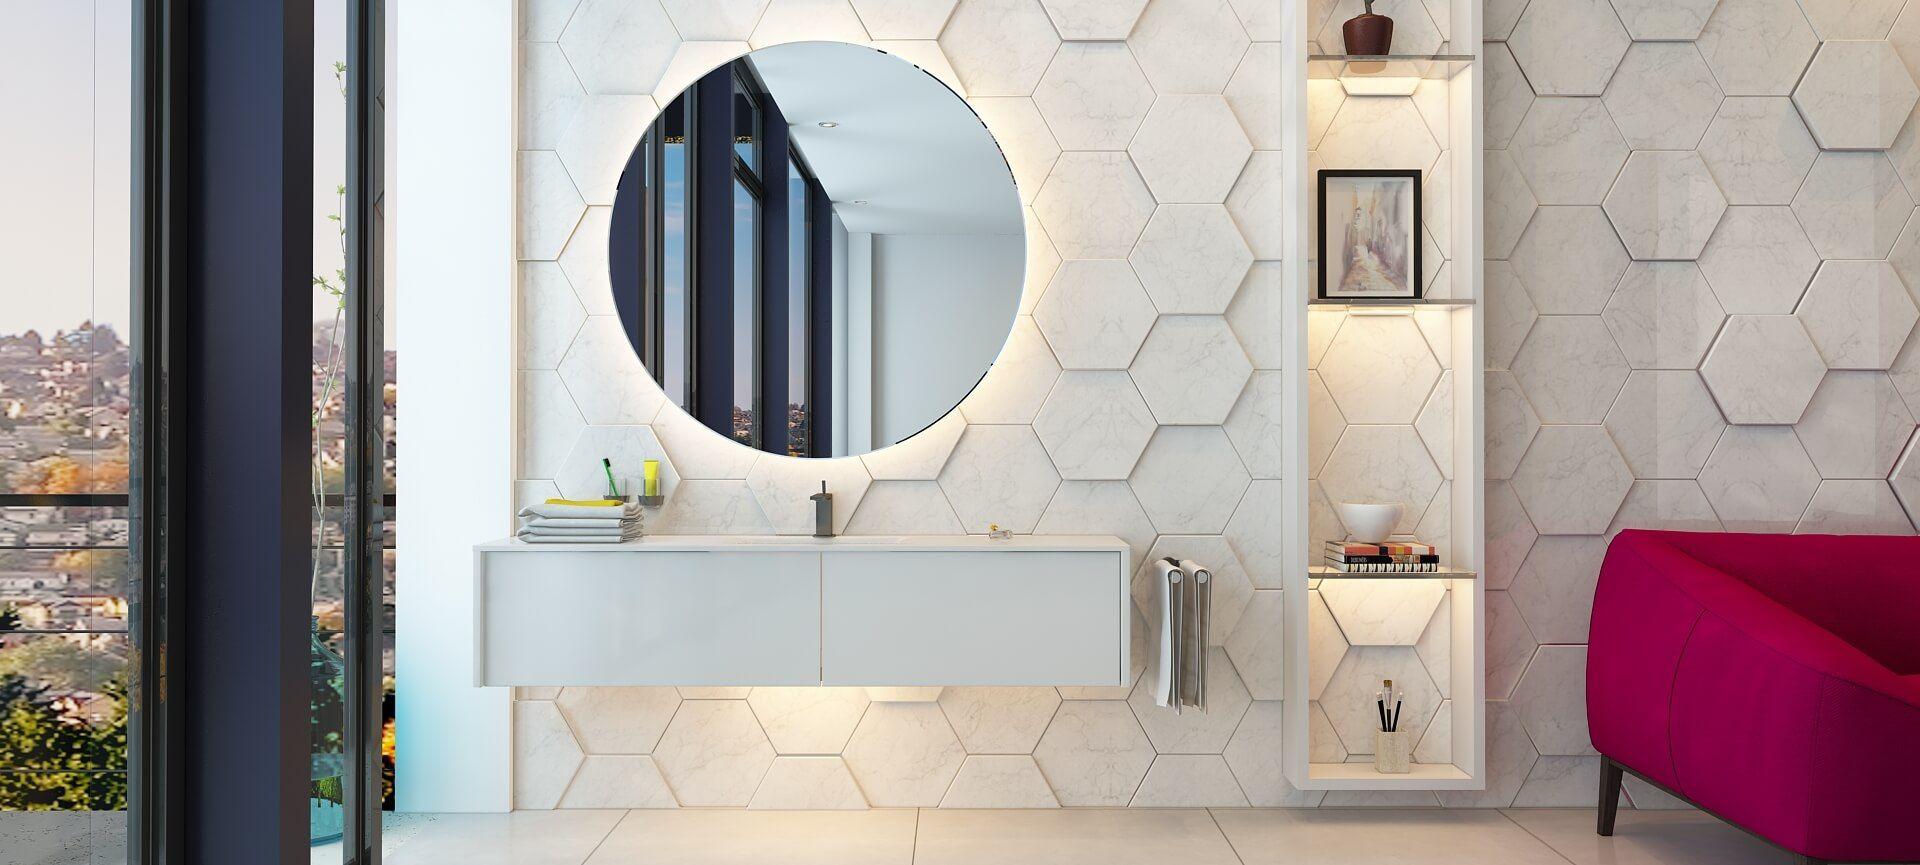 Https Spiegelshop24 Com Badspiegel Badezimmerspiegel Spiegel